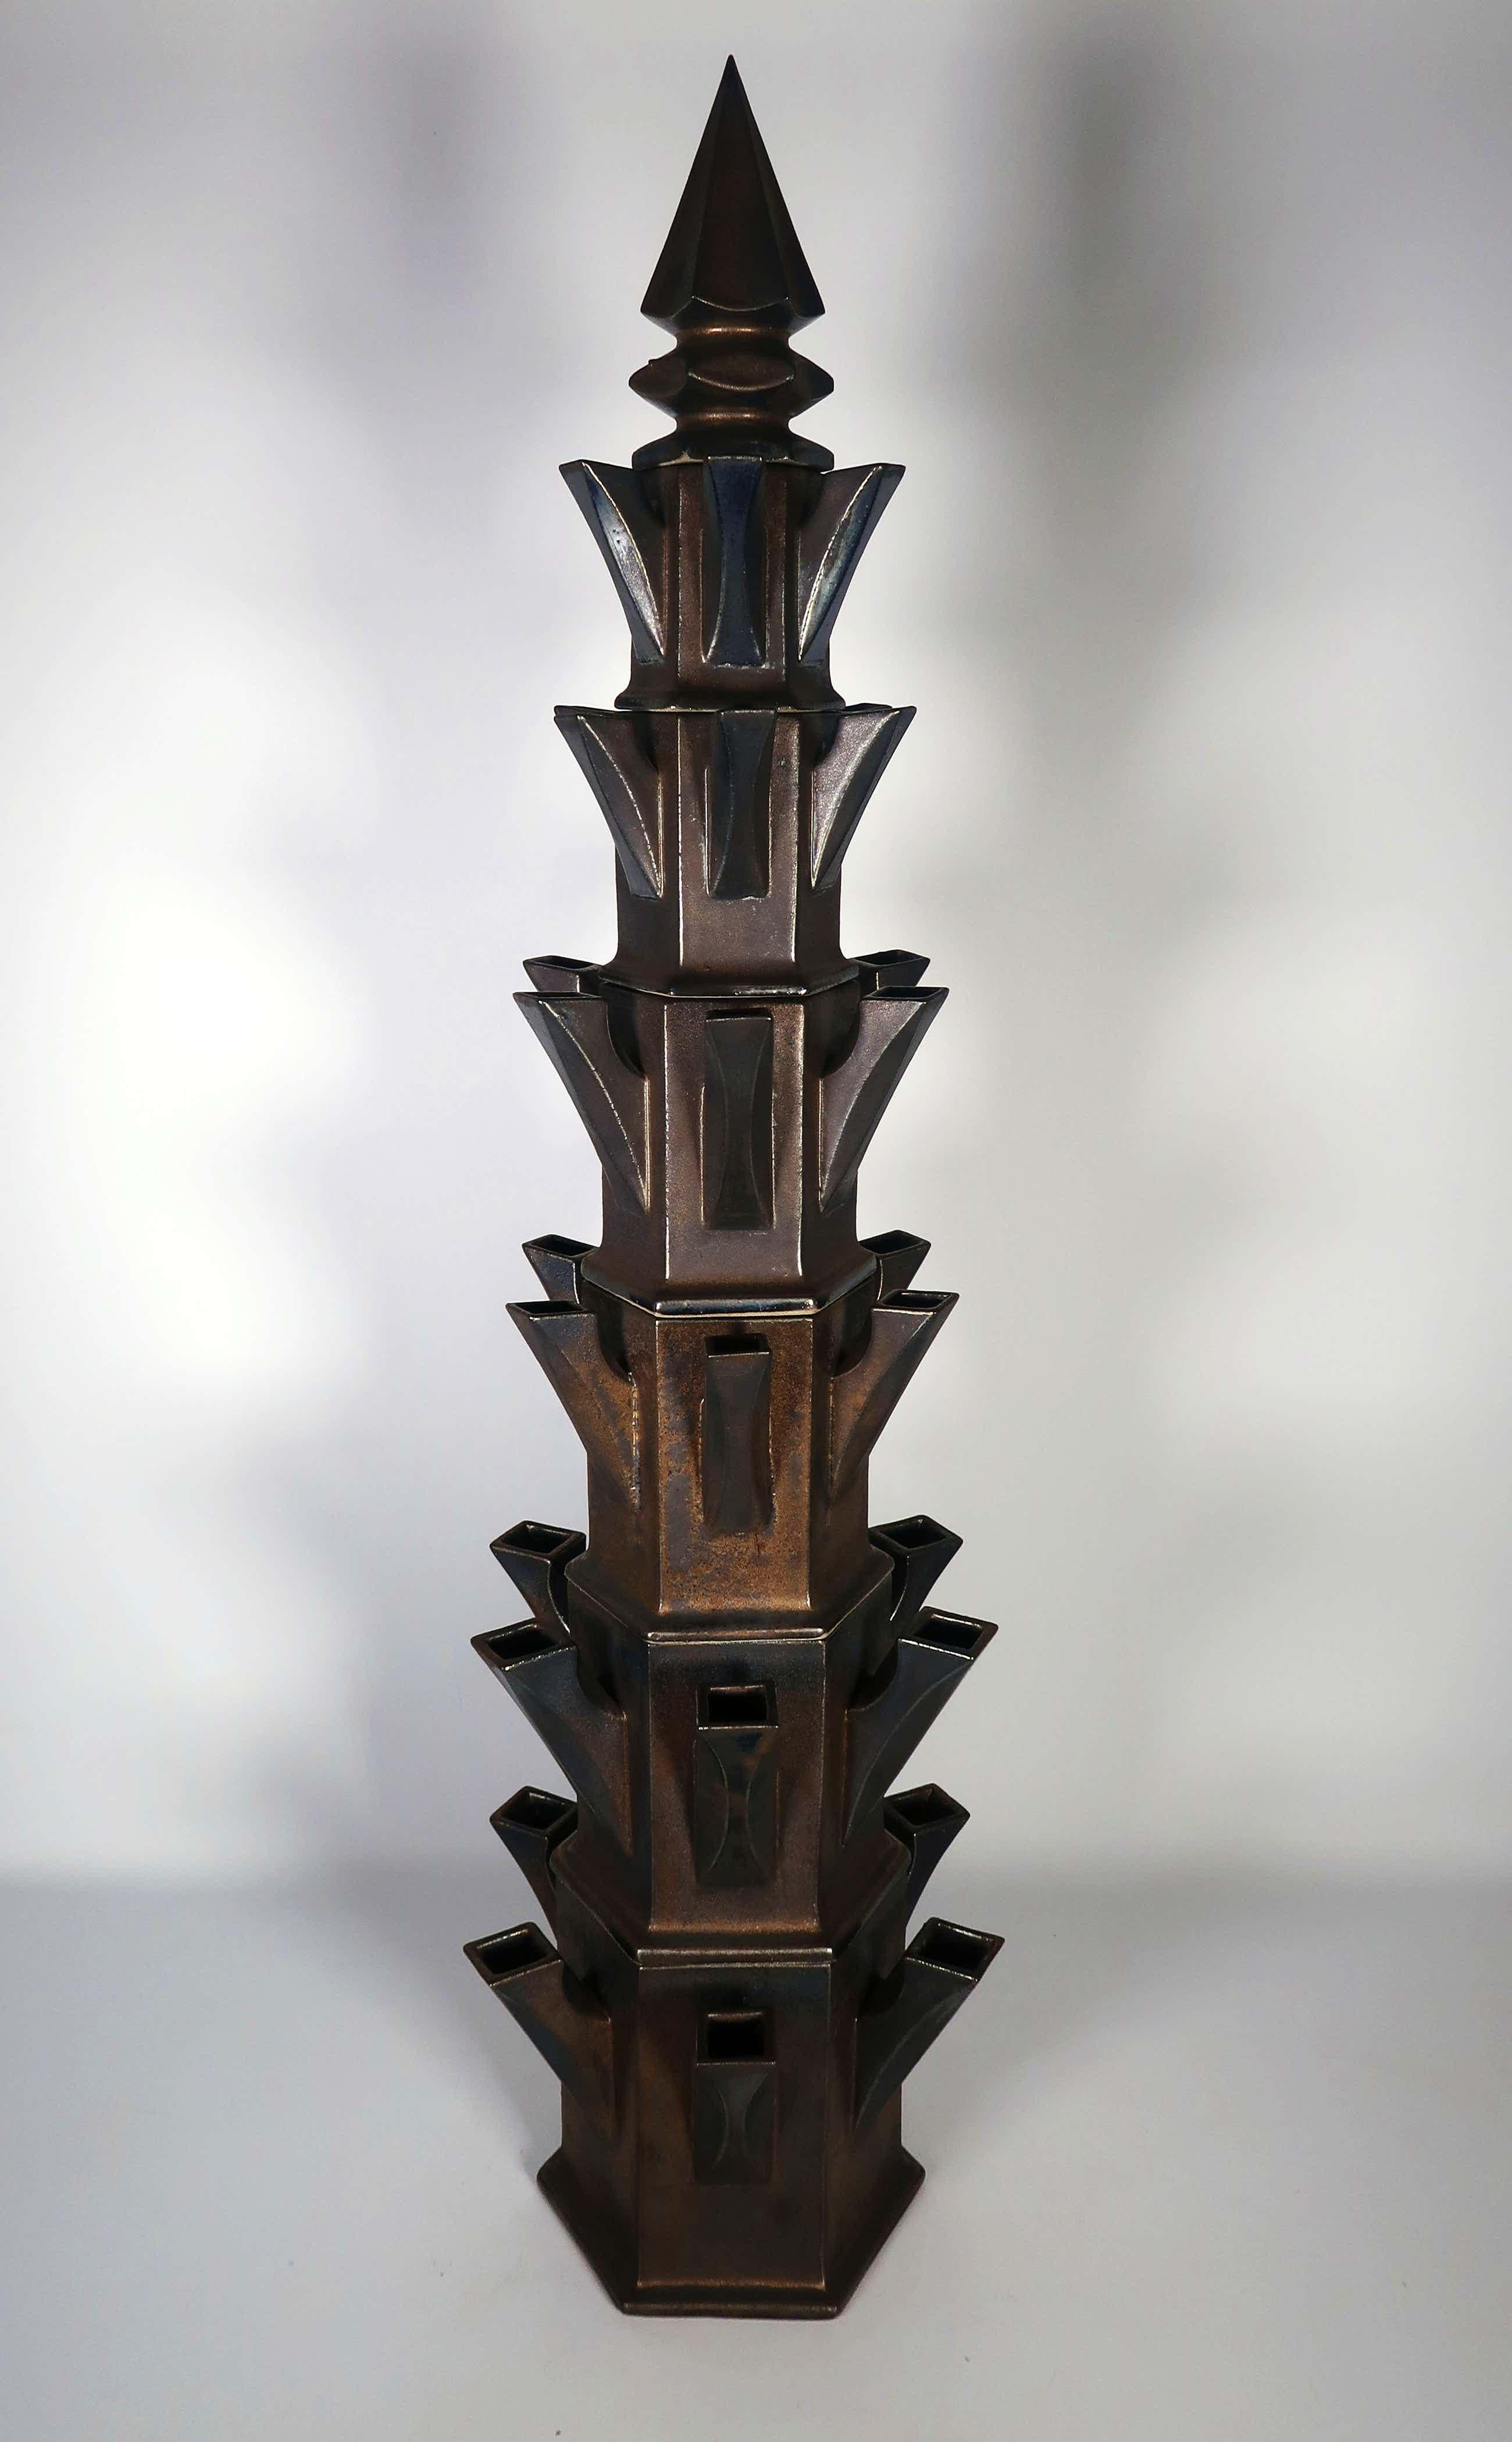 Jan van der Vaart - Geglazuurd aardewerk, Monumentale tulpentoren (Zeer groot) kopen? Bied vanaf 7300!